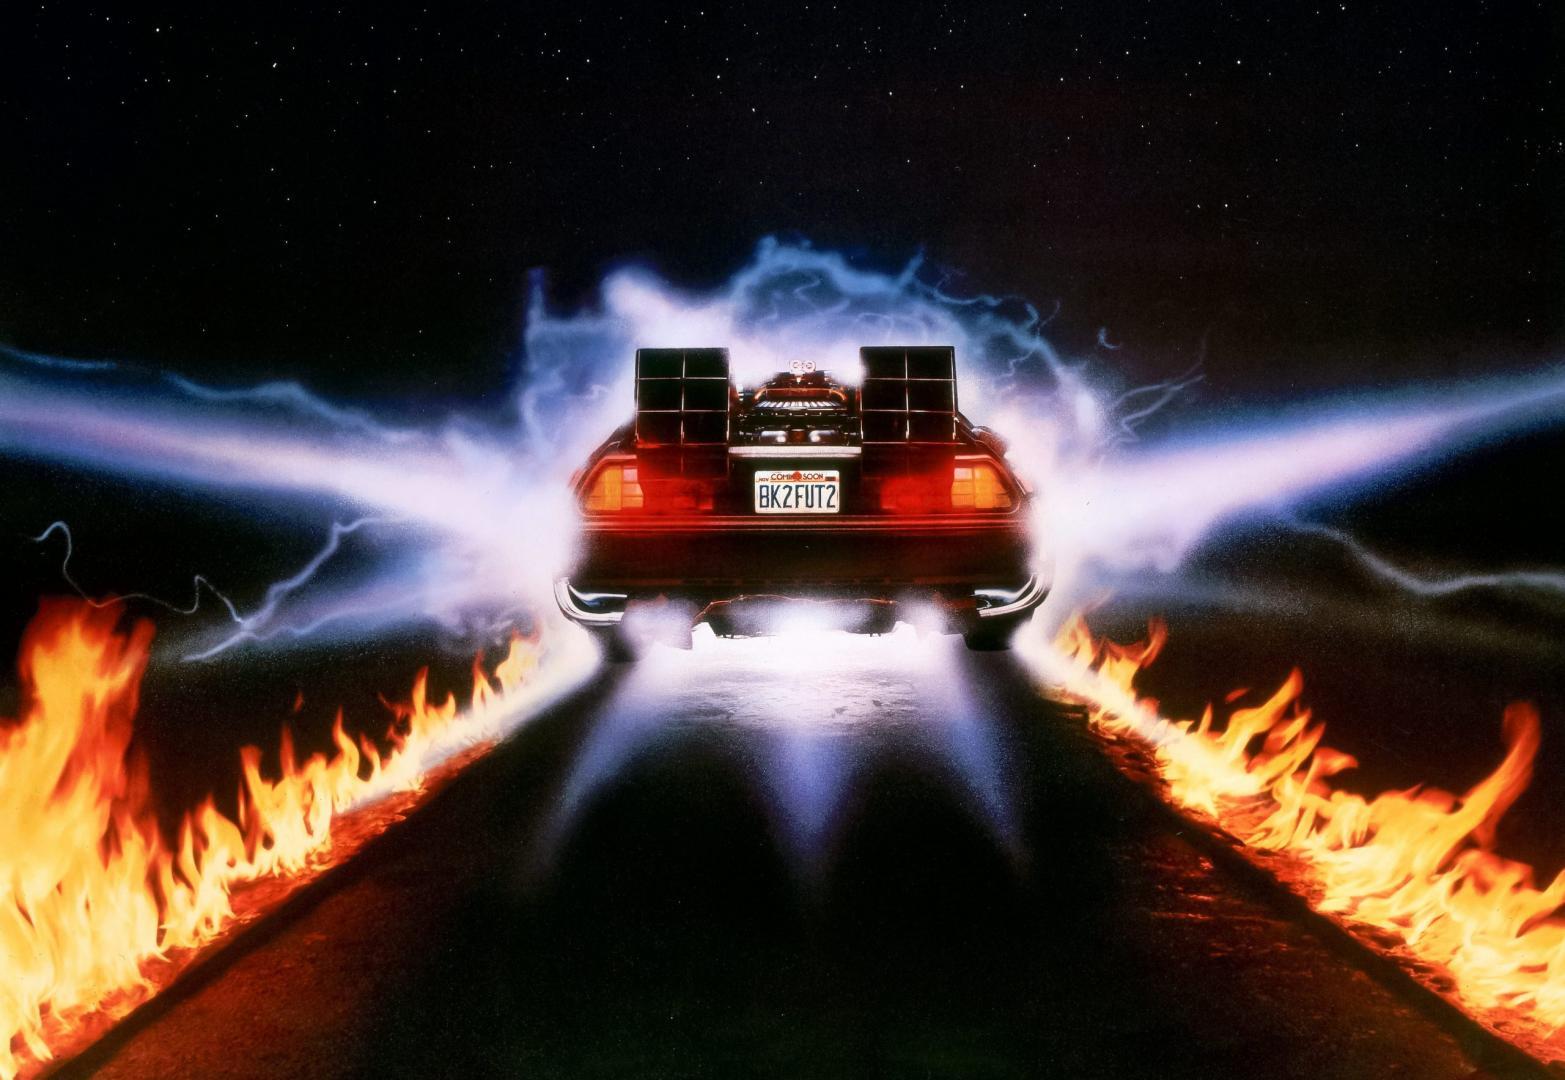 Back to the Future DeLorean DMC-12